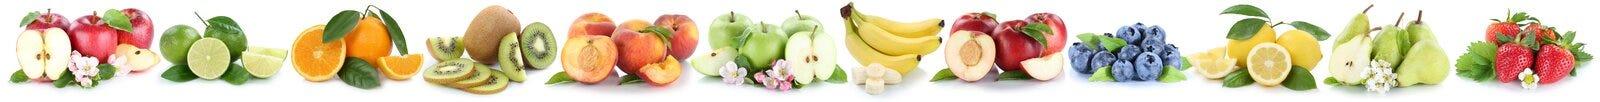 Owoc jabłek pomarańcz bananów owoc jabłczany pomarańczowy isolat z rzędu Obraz Stock